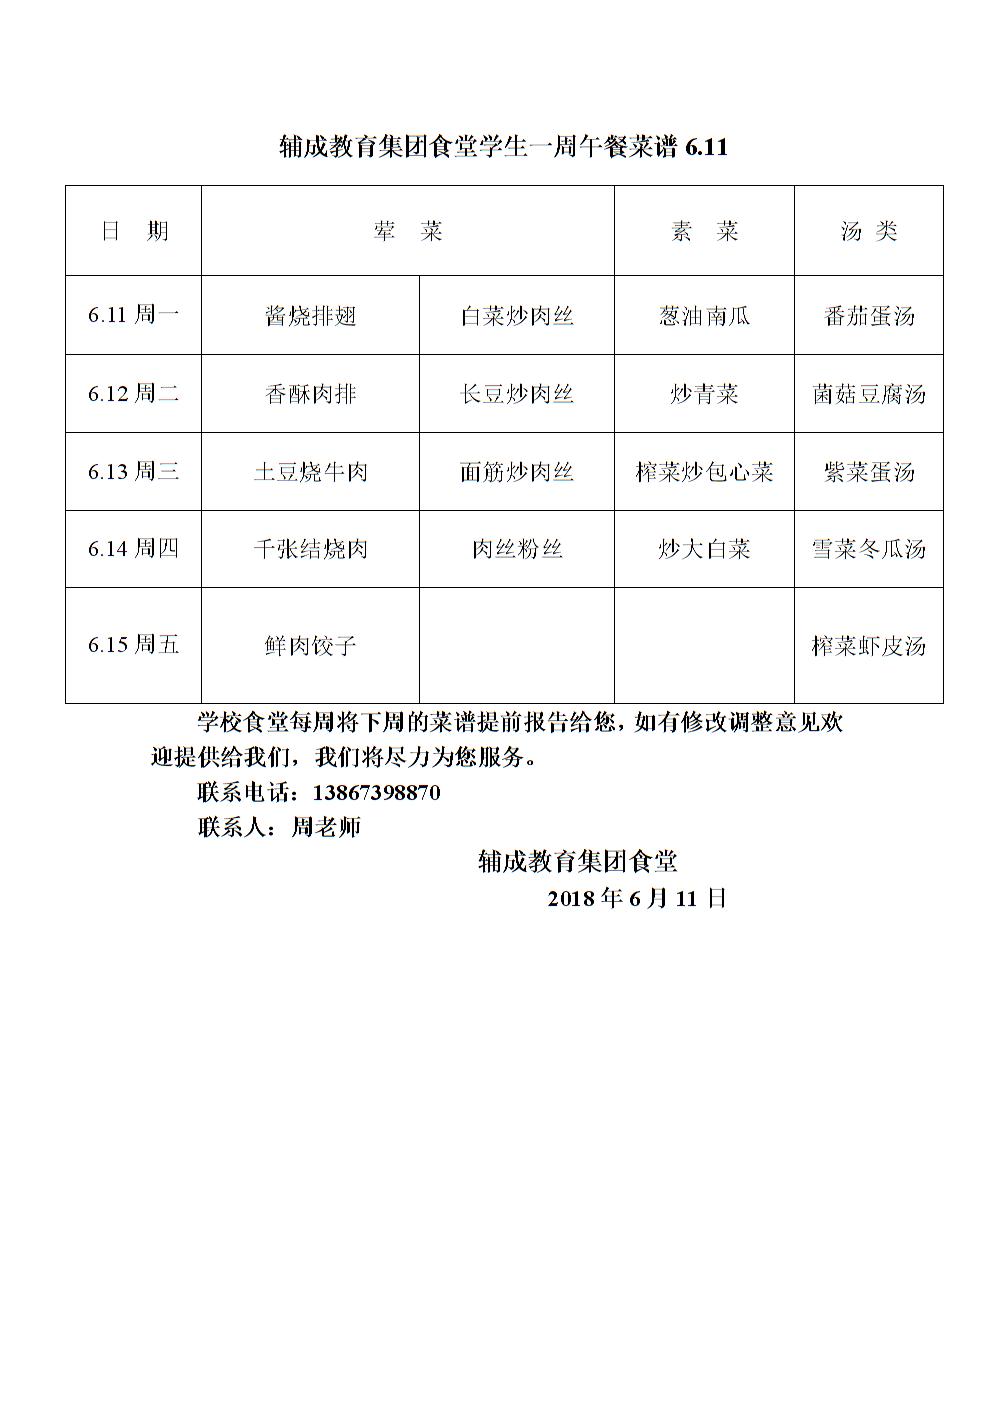 辅成v图片图片金针学生一周午餐肥牛6.11.doc火锅菜谱食堂集团图片